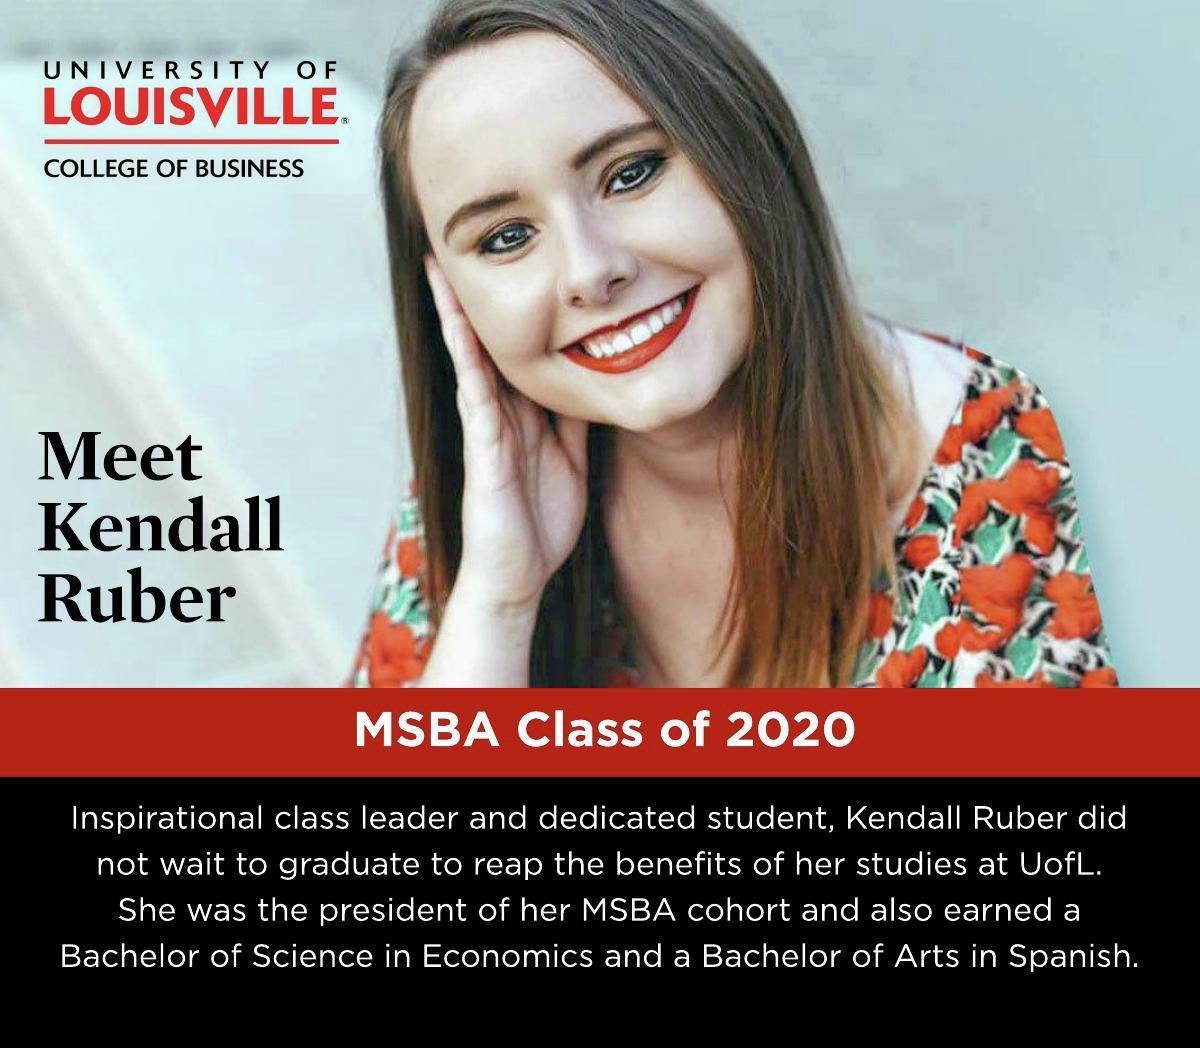 肯德尔·鲁伯(Kendall Ruber)